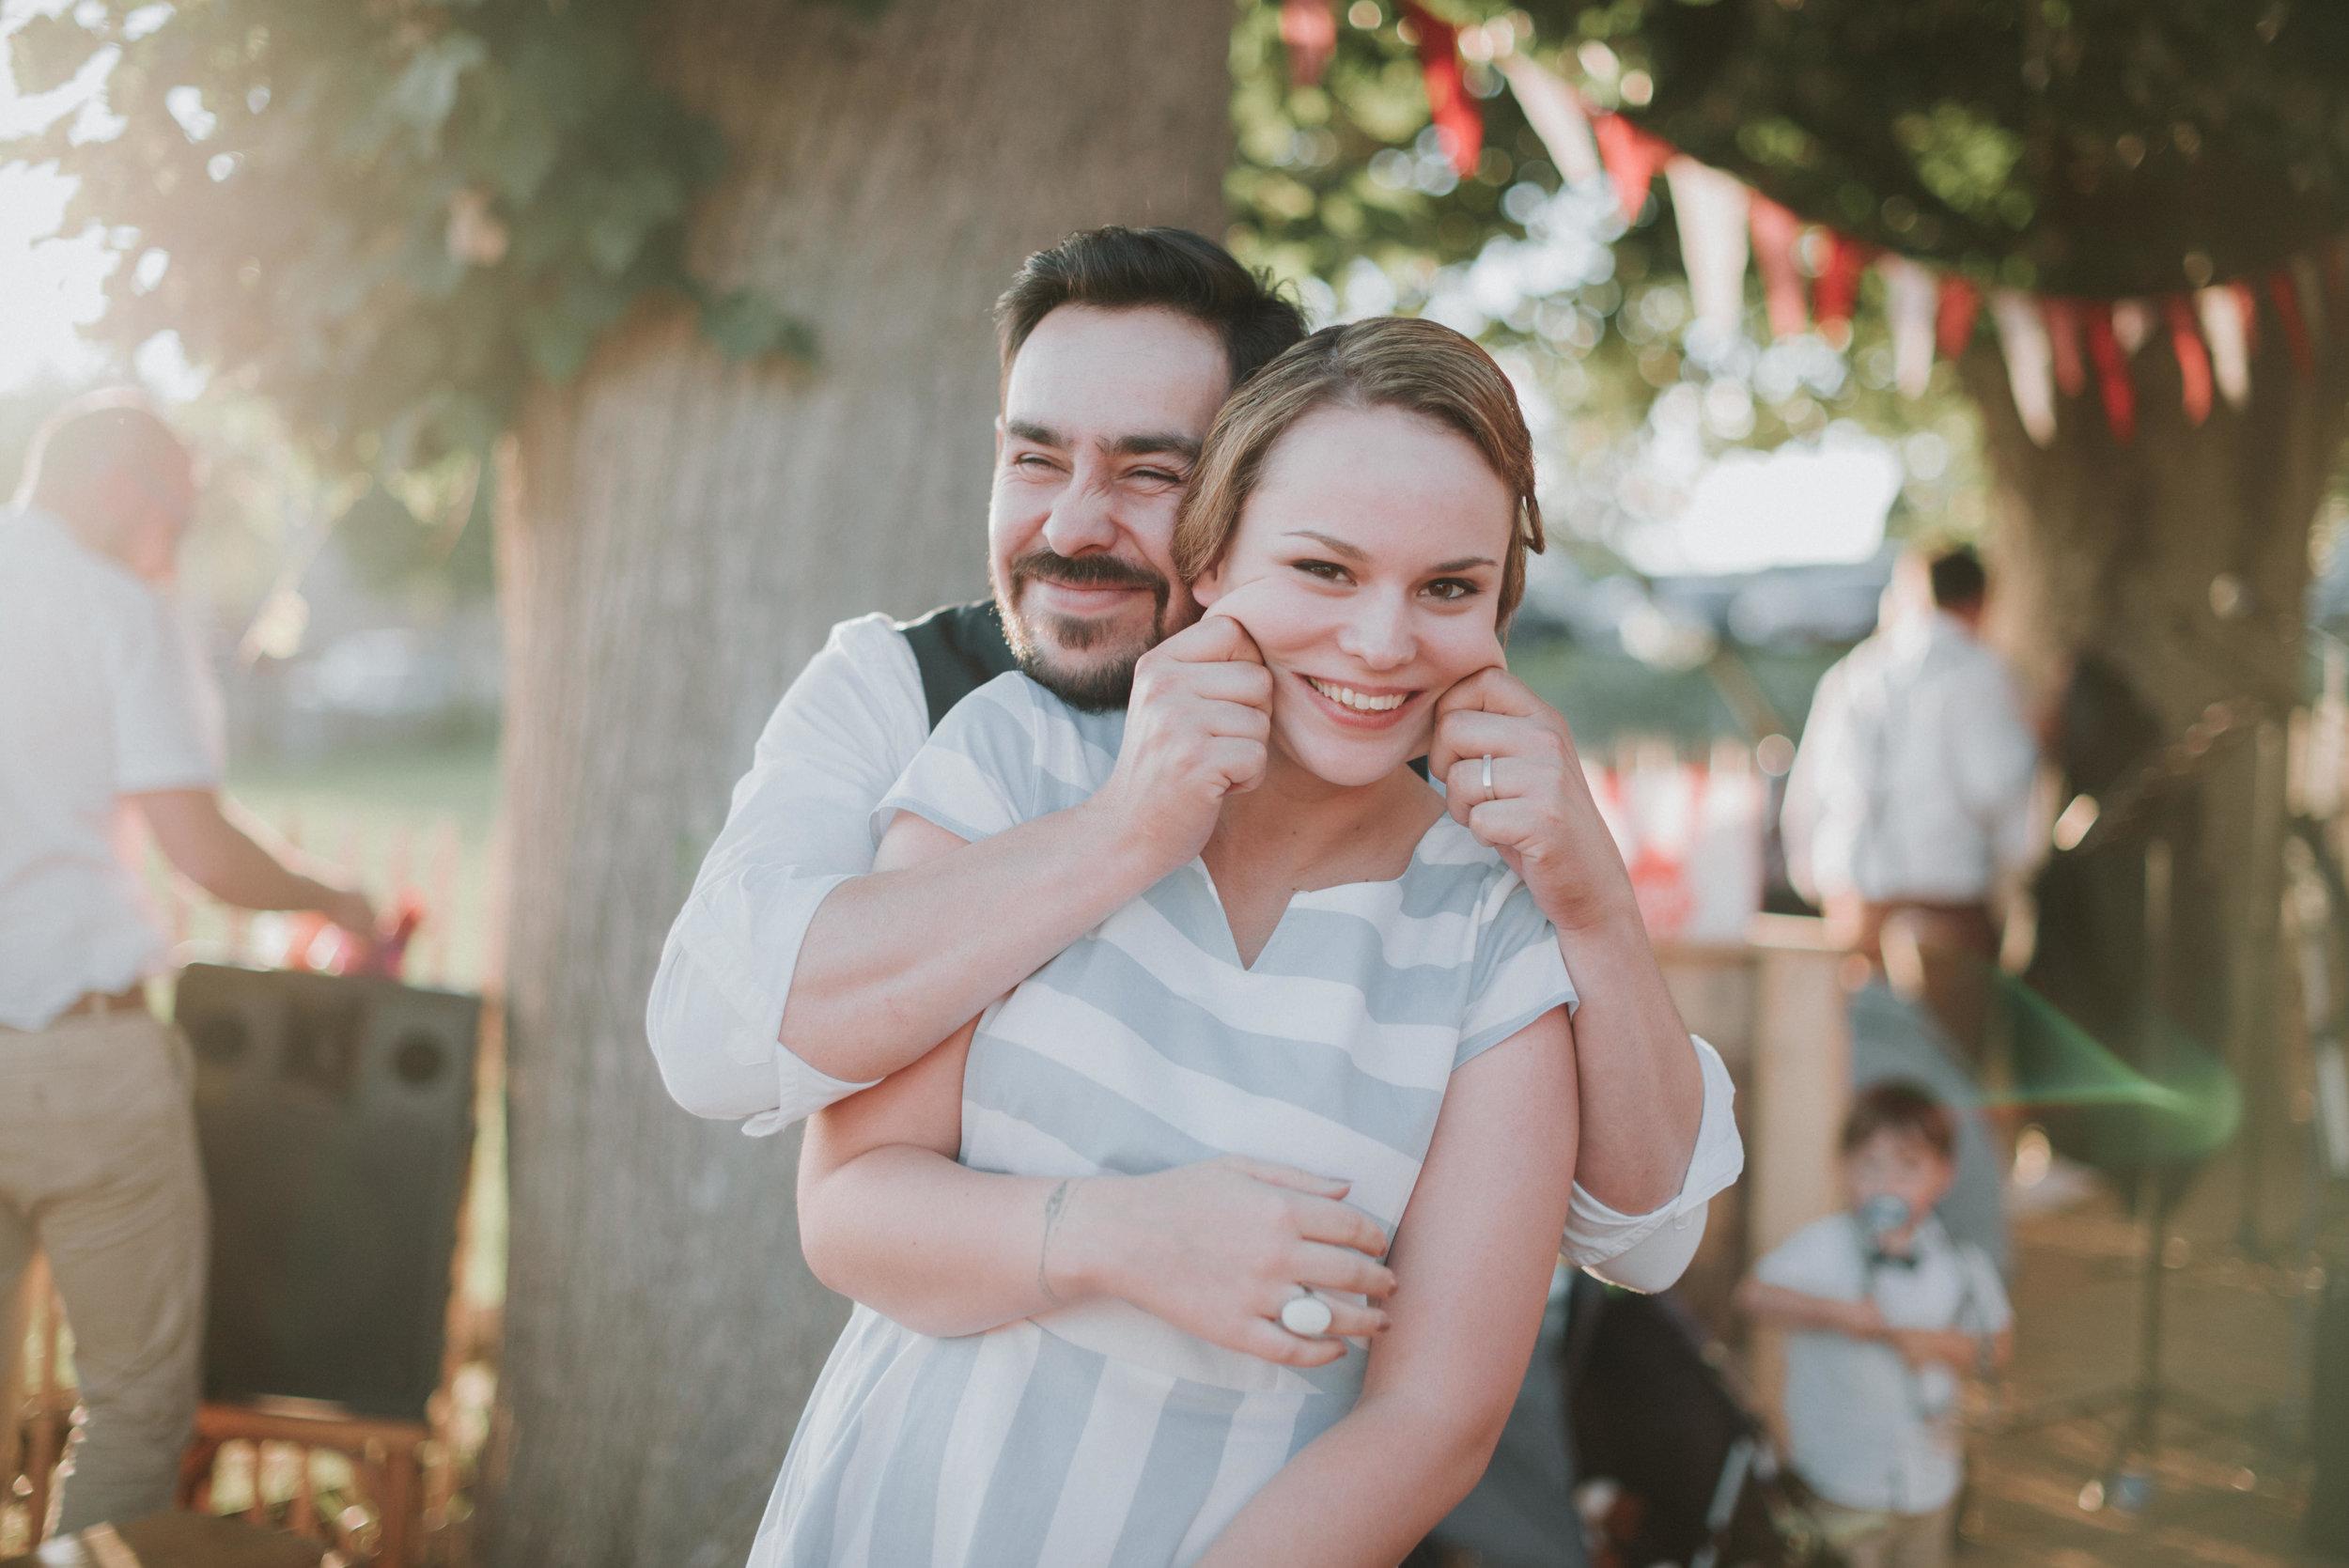 Léa-Fery-photographe-professionnel-lyon-rhone-alpes-portrait-creation-mariage-evenement-evenementiel-famille-8352.jpg